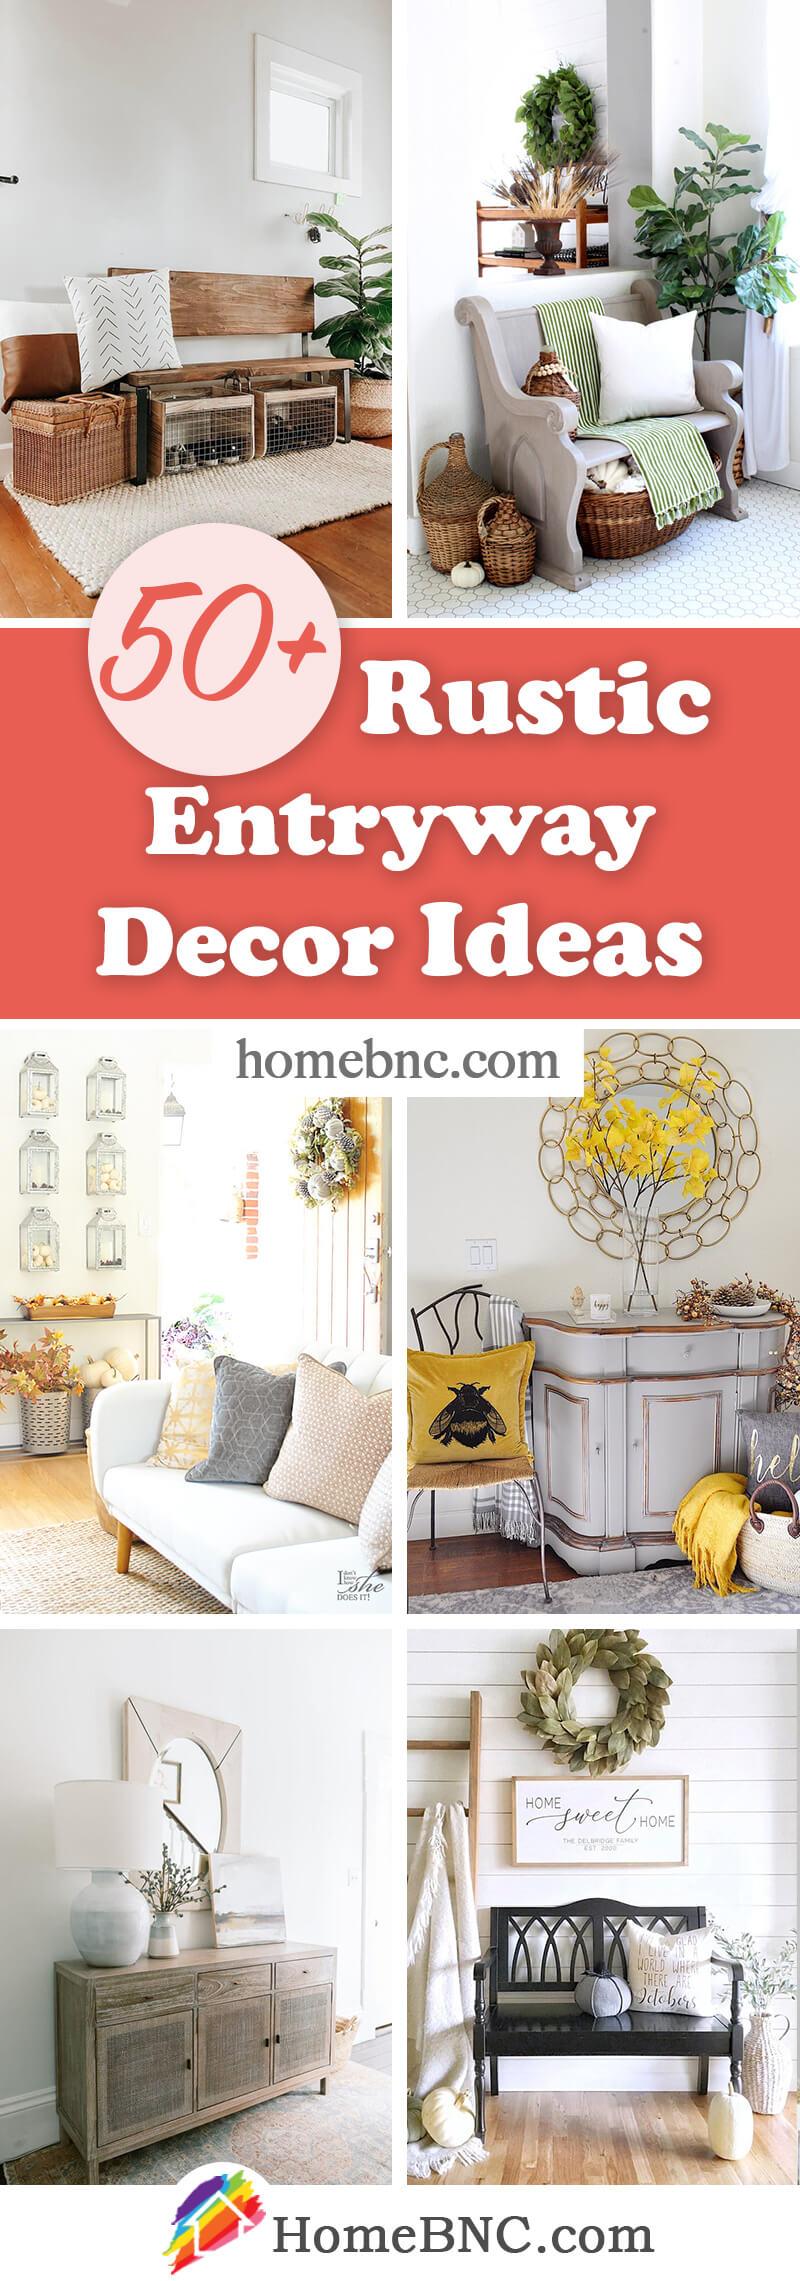 Rustic Entryway Decor Ideas